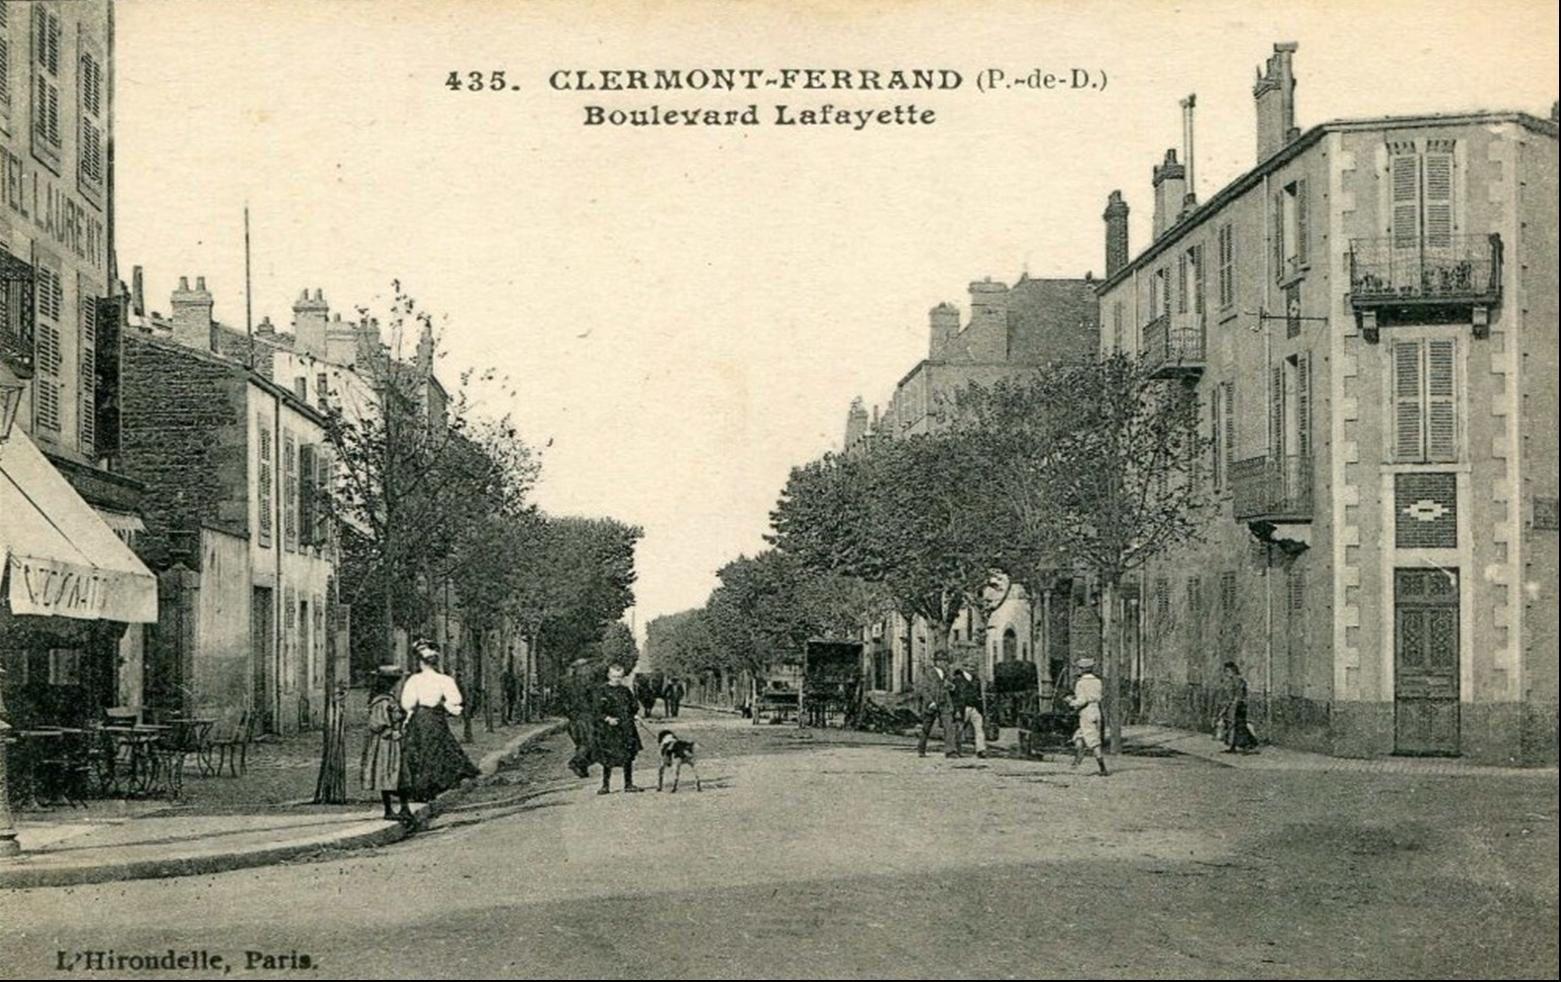 Boulevard Lafayette à Clermont Ferrand